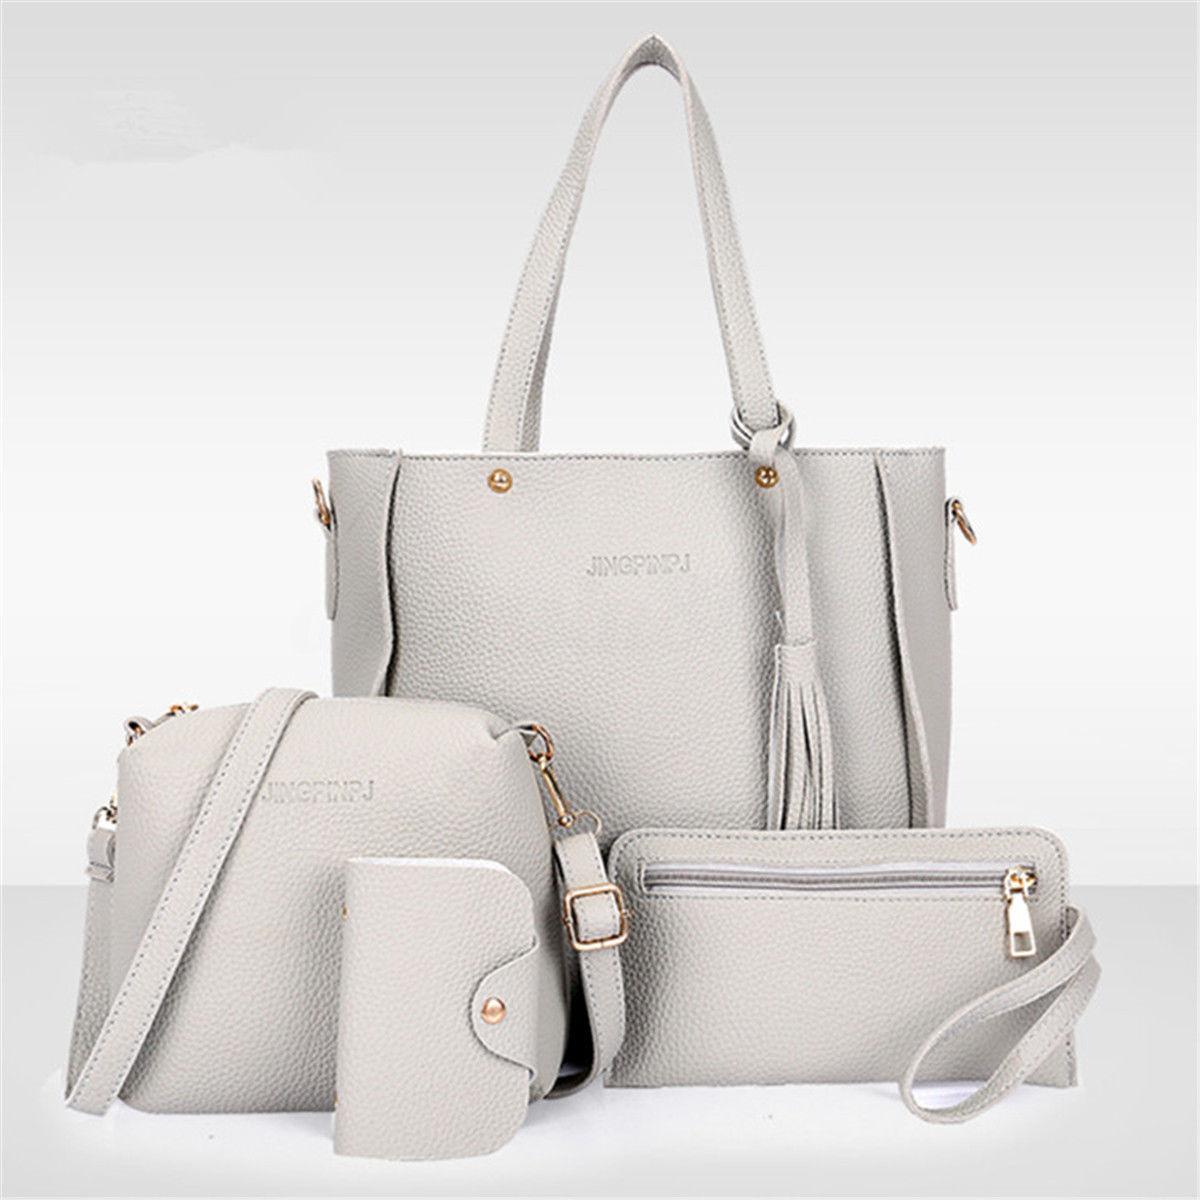 4PCS/Set Women Lady PU Leather 5 Colors Zipper Handbag Shoulder Bags Tote Purse Messenger Satchel Set